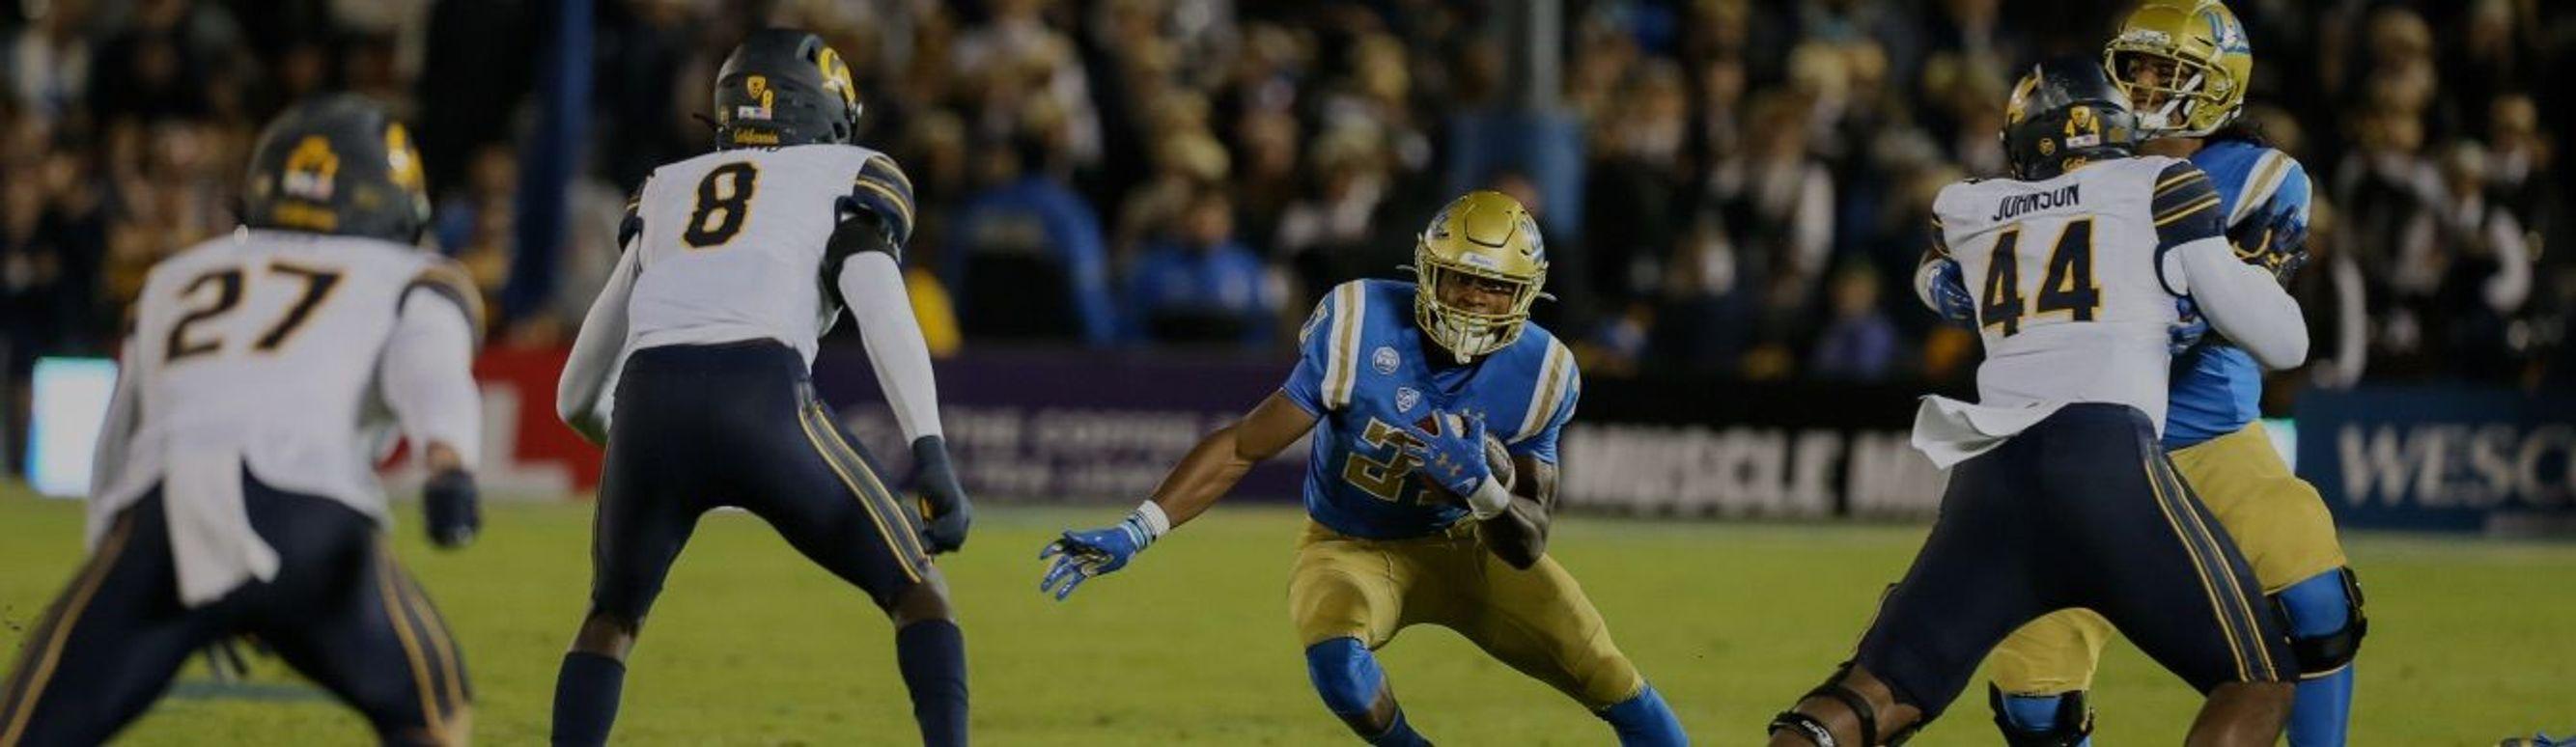 UCLA vs. CAL